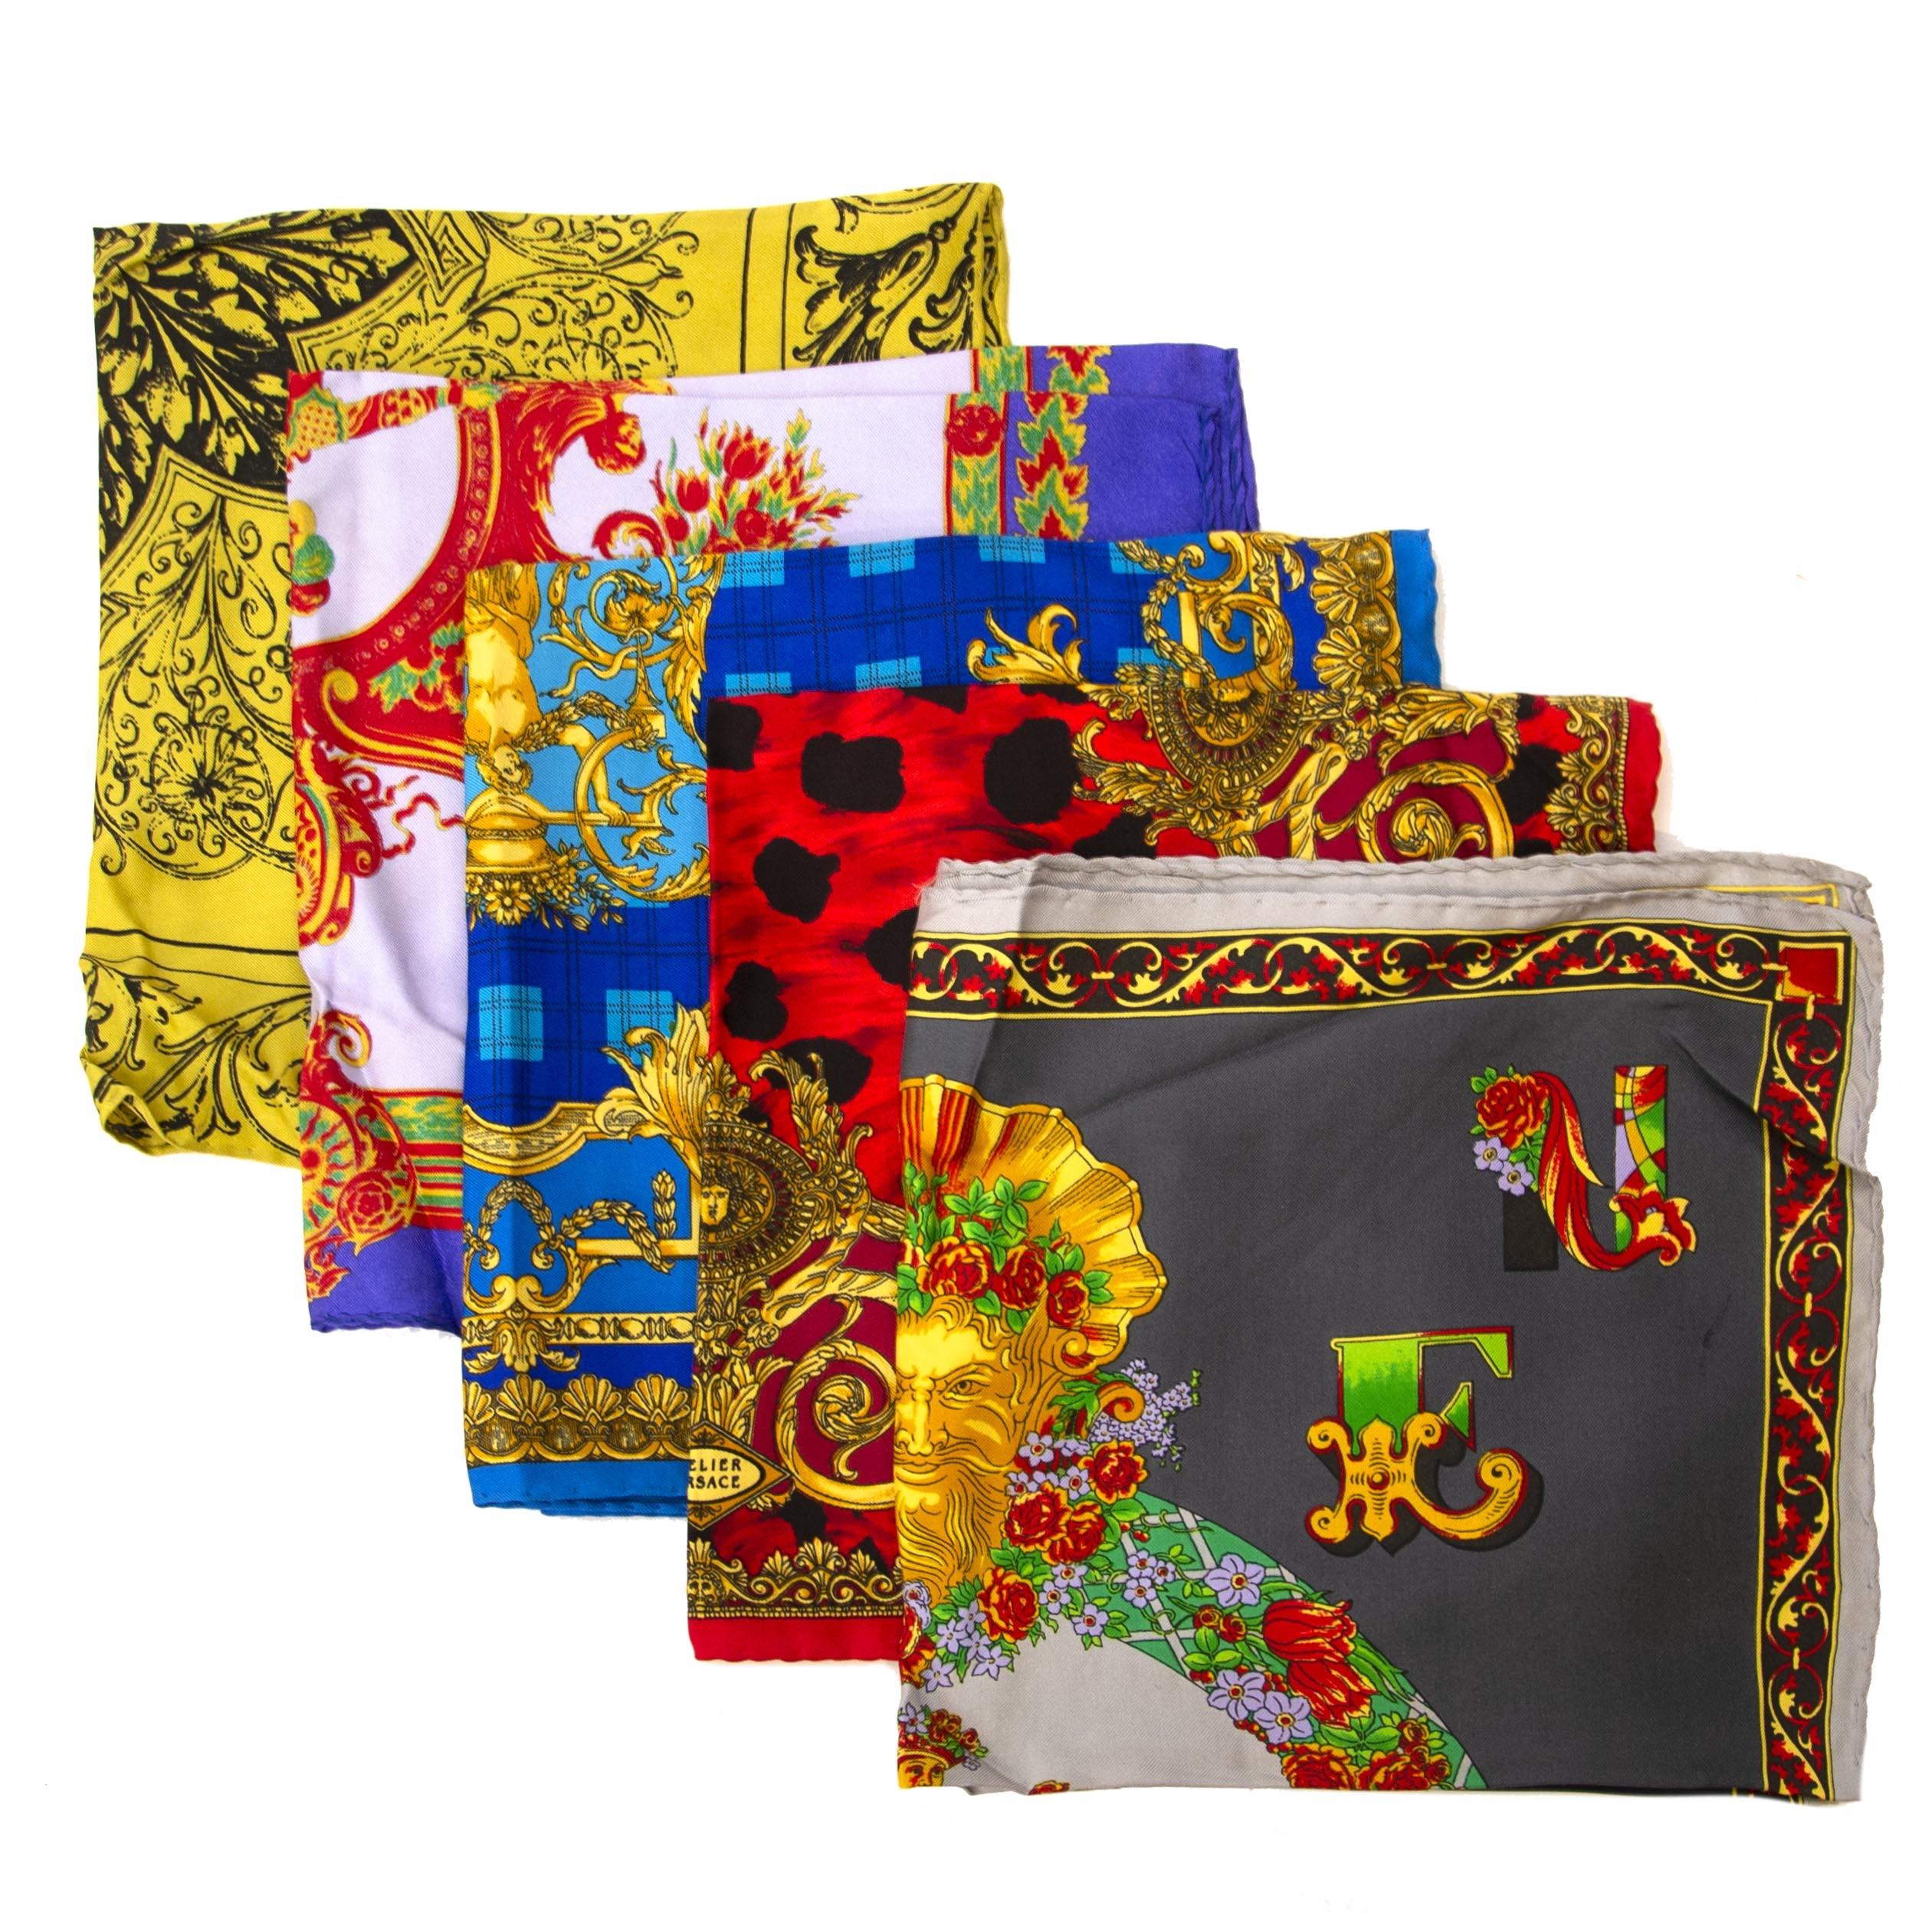 Koop tweedehands Versace sjaals aan de juiste prijs bij LabelLOV vintage webshop.